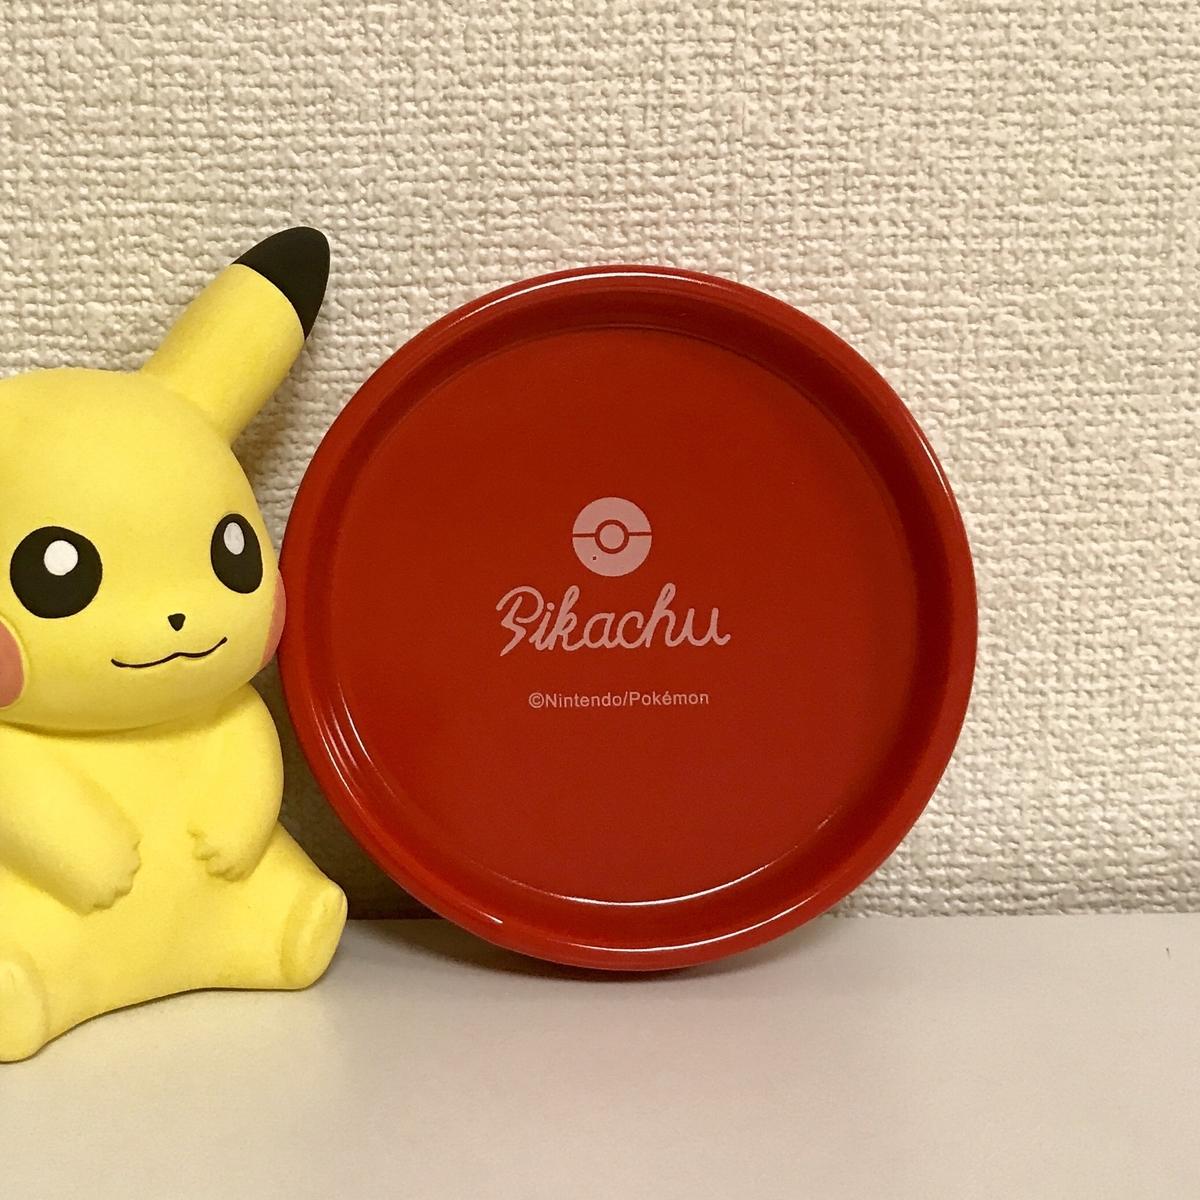 f:id:pikachu_pcn:20191020201225j:plain